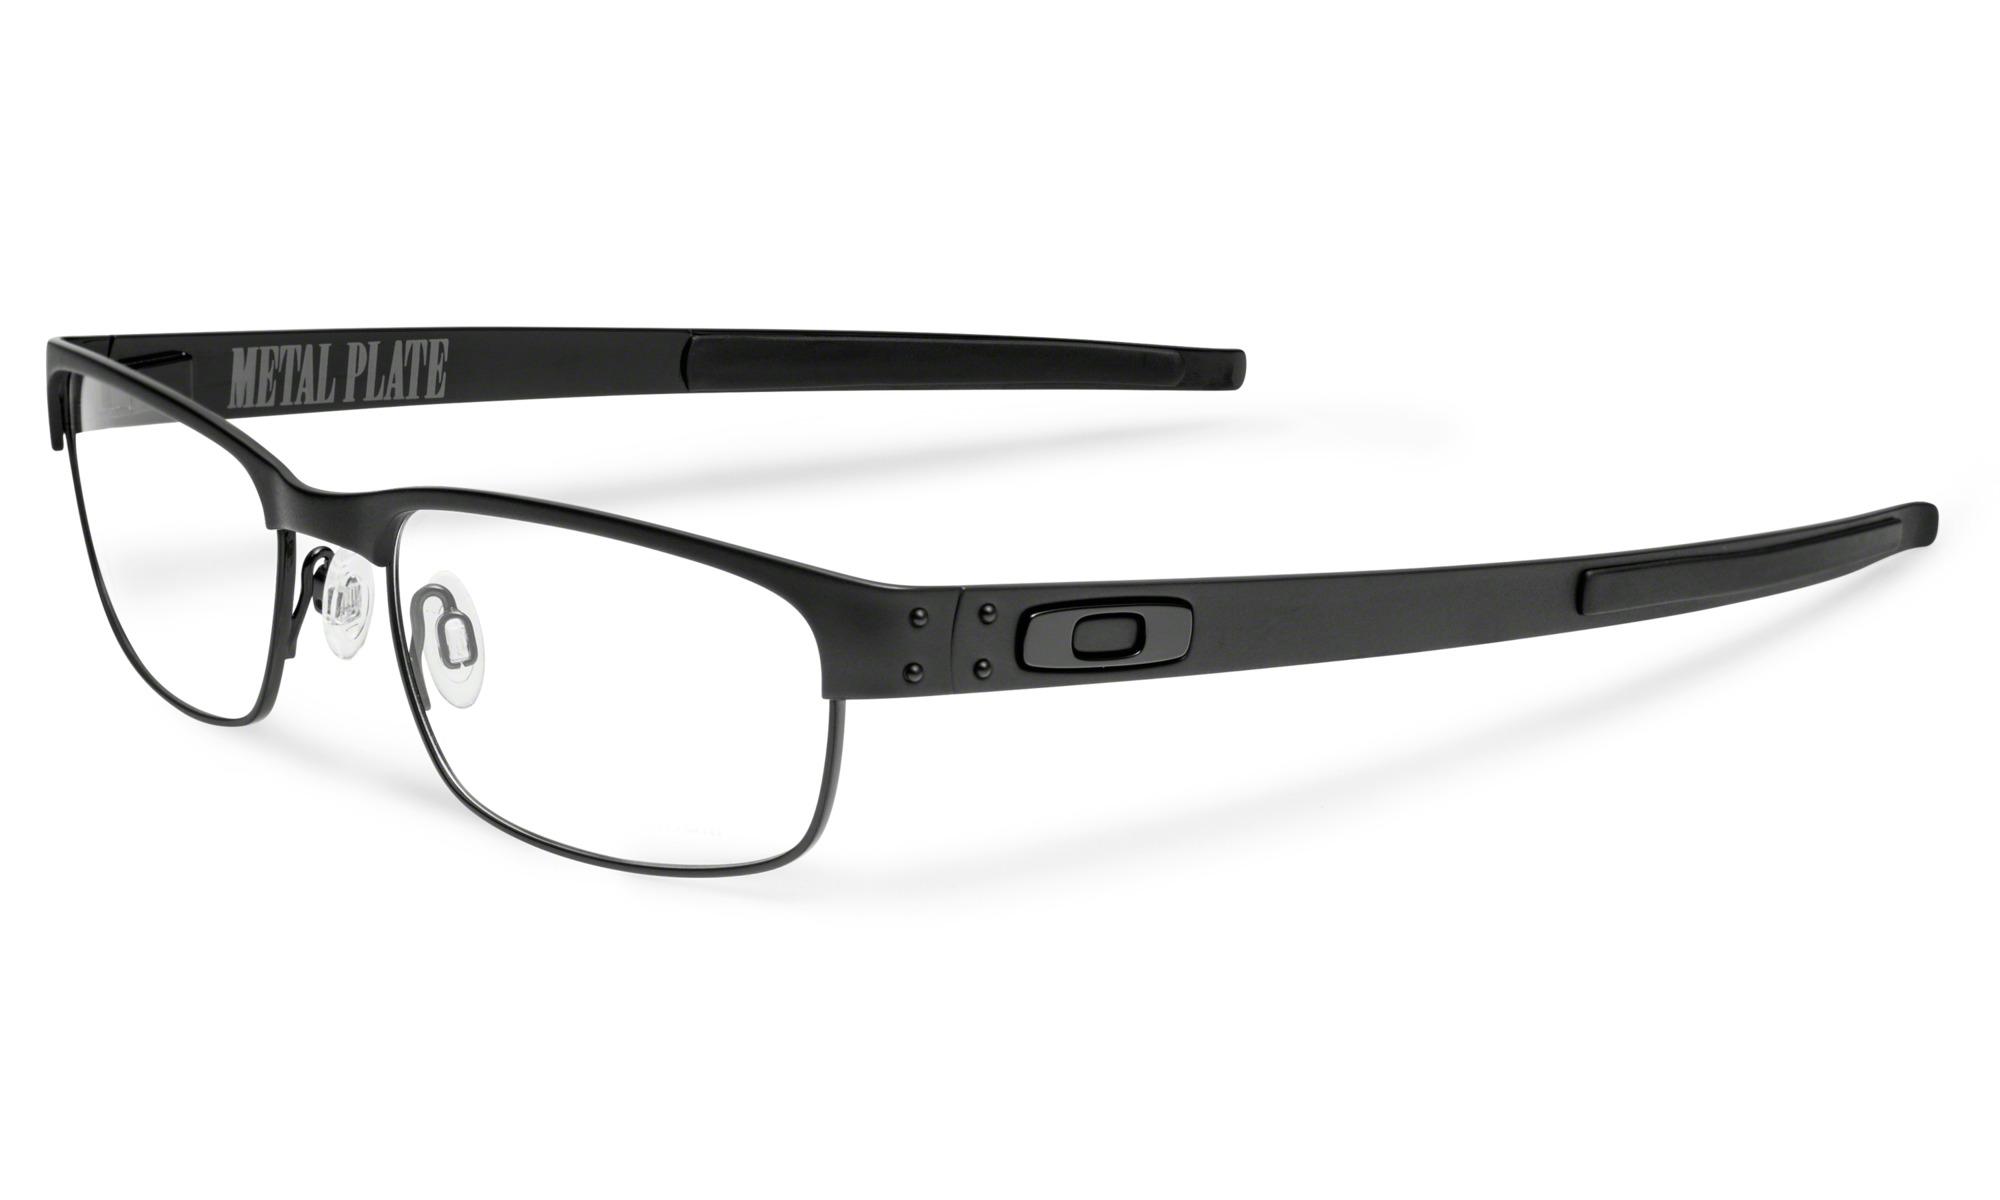 077e6a29a36c4 Oakley Metal Plate Eyeglasses Frame